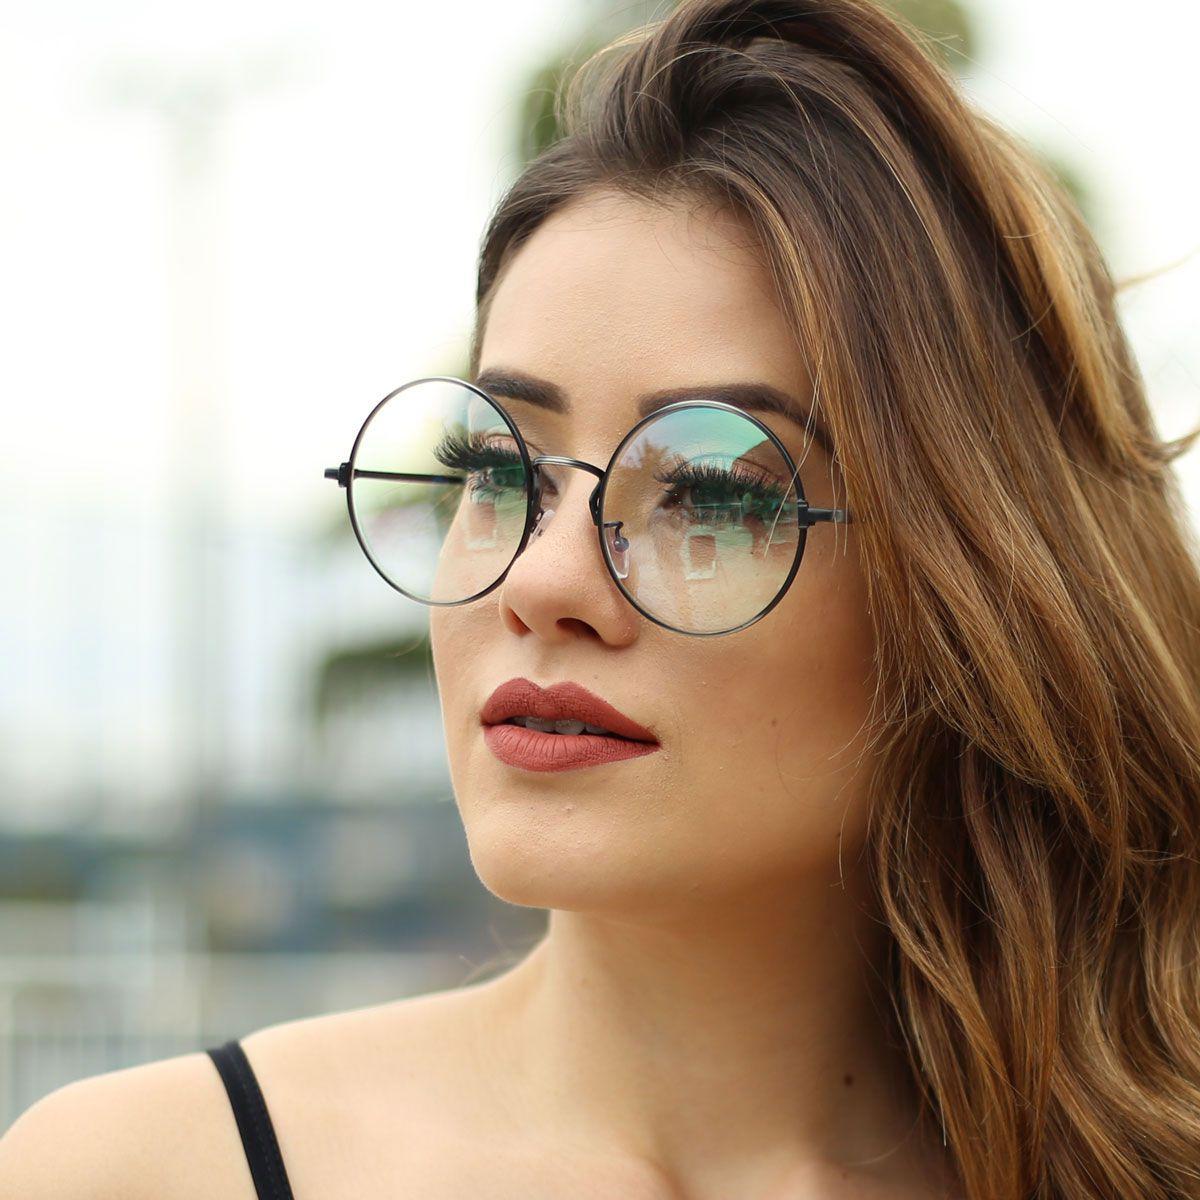 ... Armação para Óculos Díspar D1881 Redondo Grande Chumbo - Díspar Style  ... 48fa4cf1a6